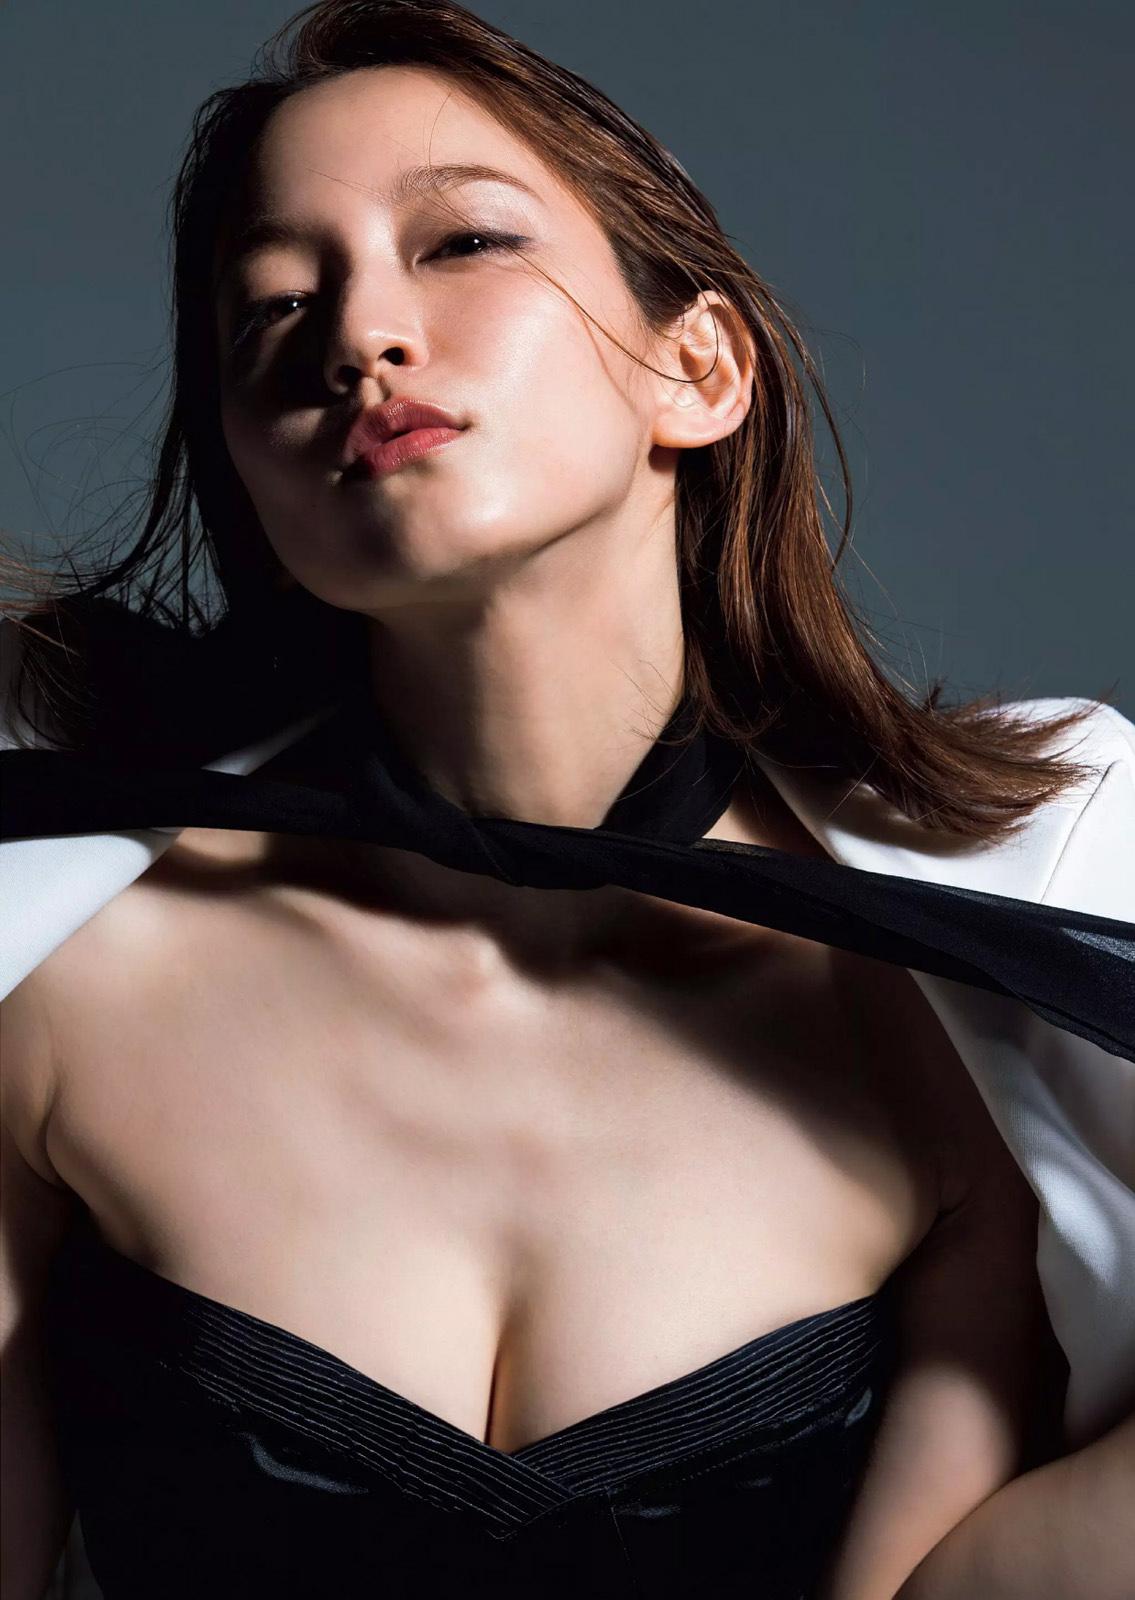 吉岡里帆 最新グラビアおっぱい谷間&ツインテールセクシー画像